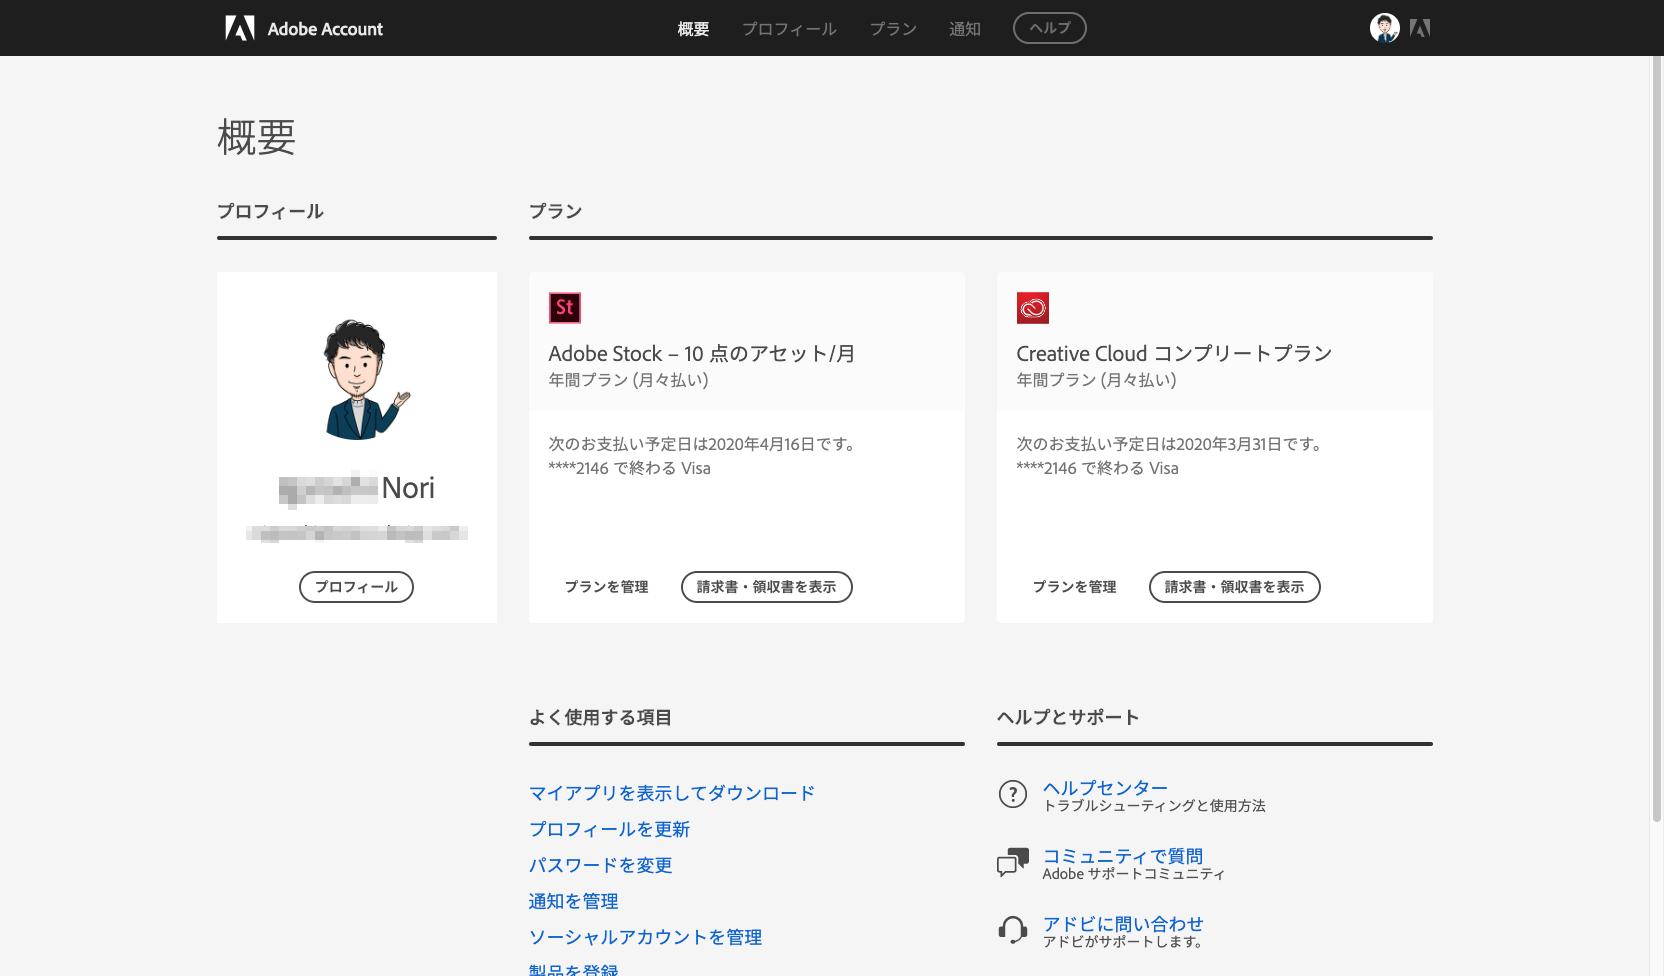 Adobe Creative Cloud 2ヶ月無料方法